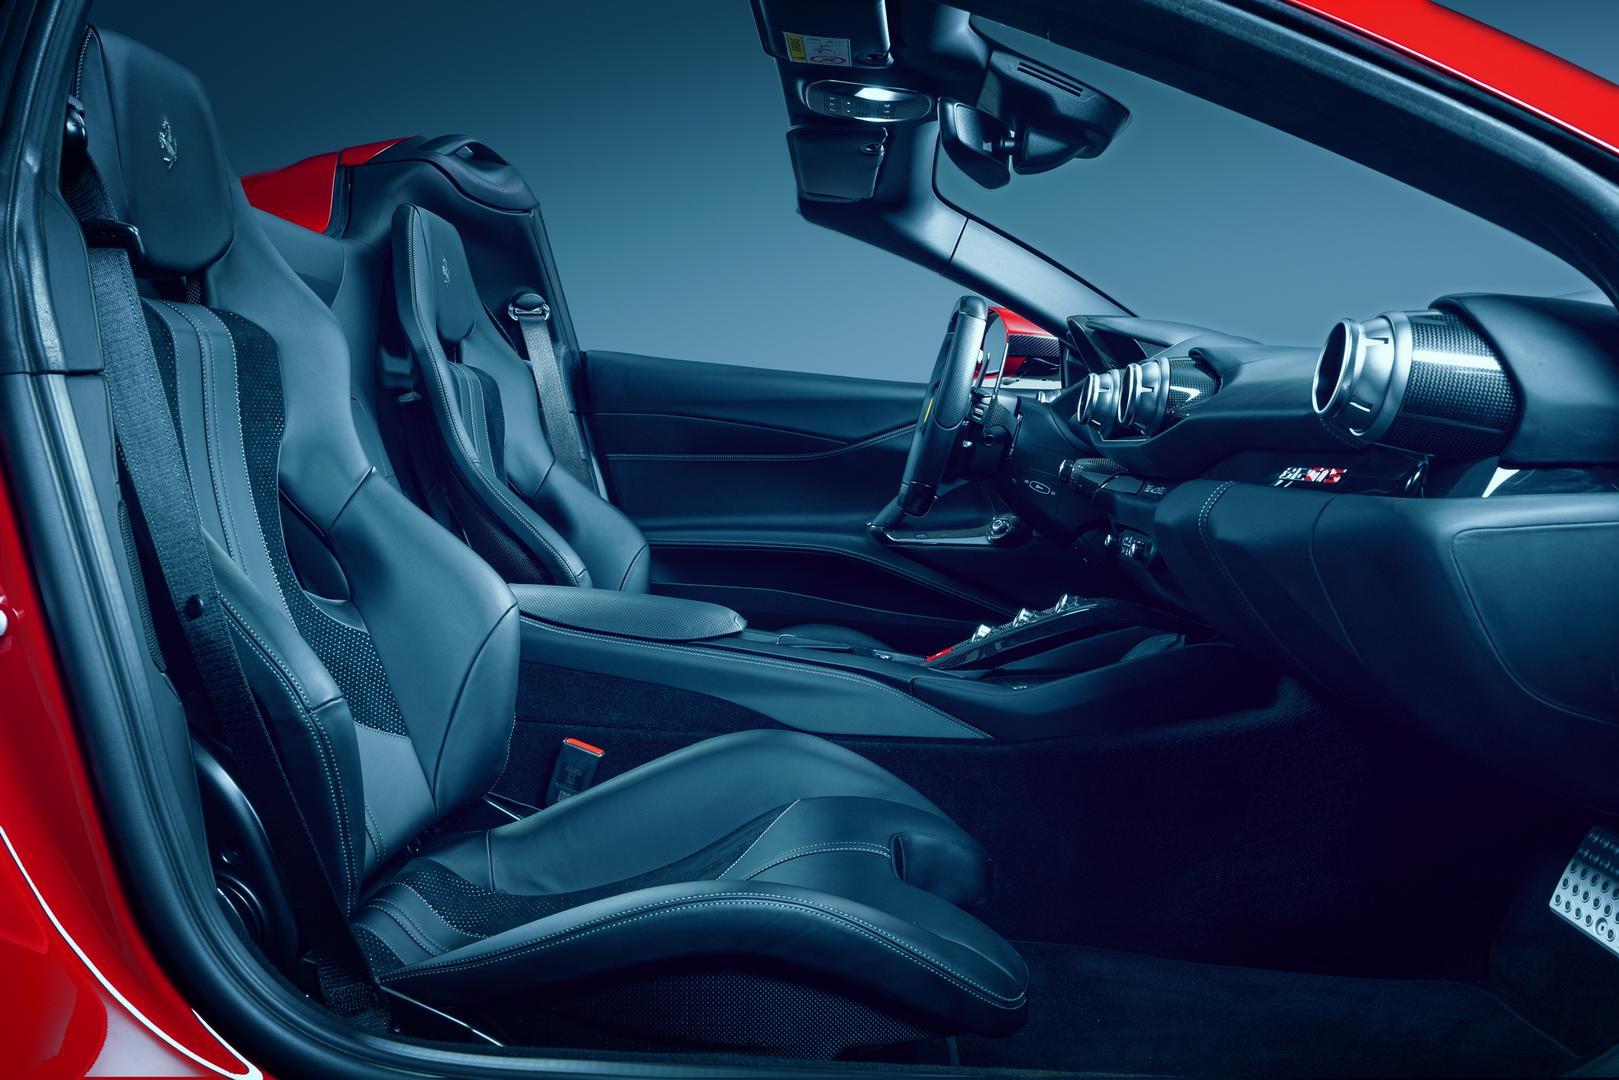 Novitec N-Largo Ferrari 812 GTS interior